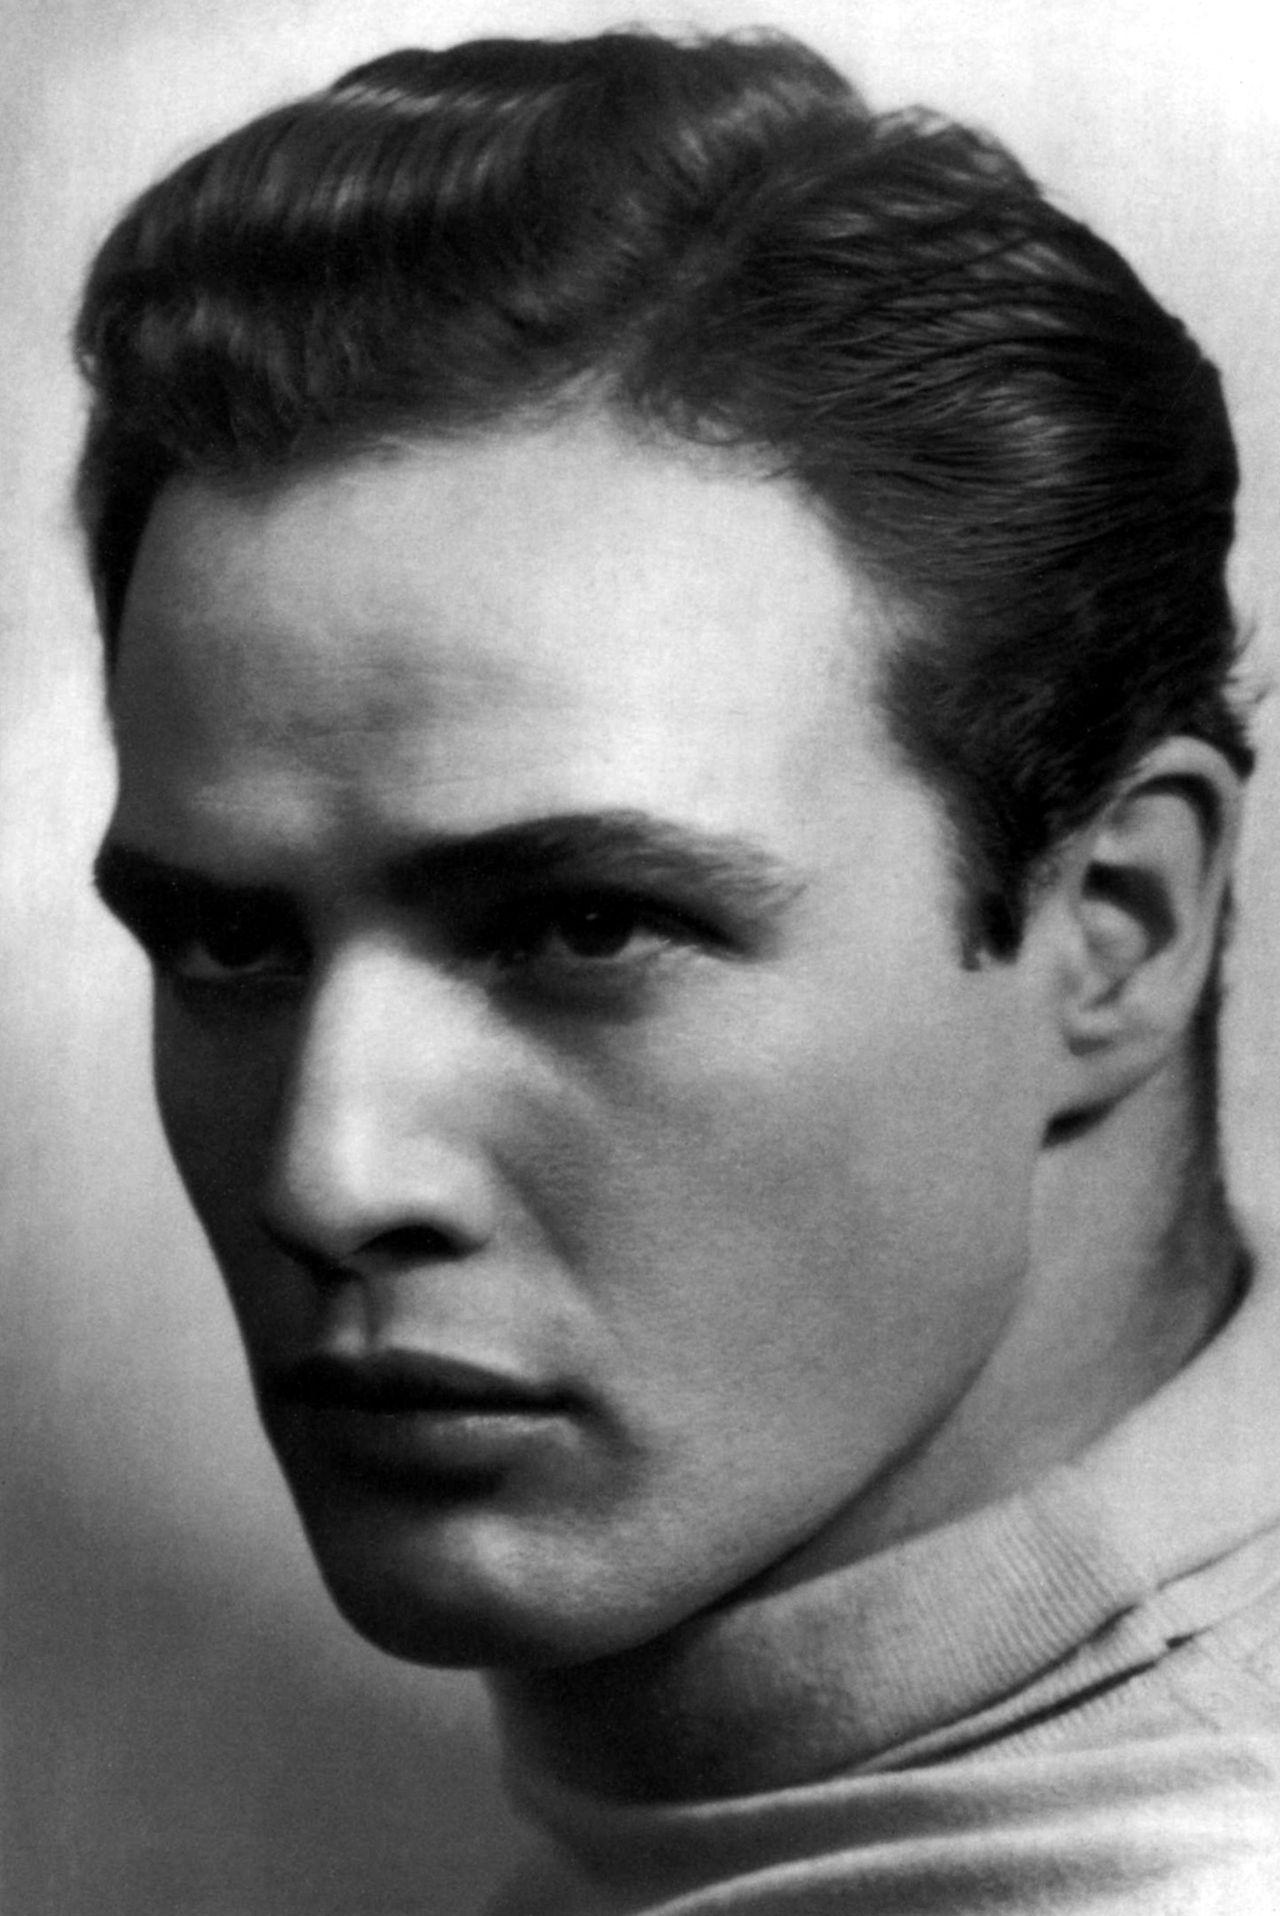 Marlon Brando Marlon Brando Movie Stars Marlon